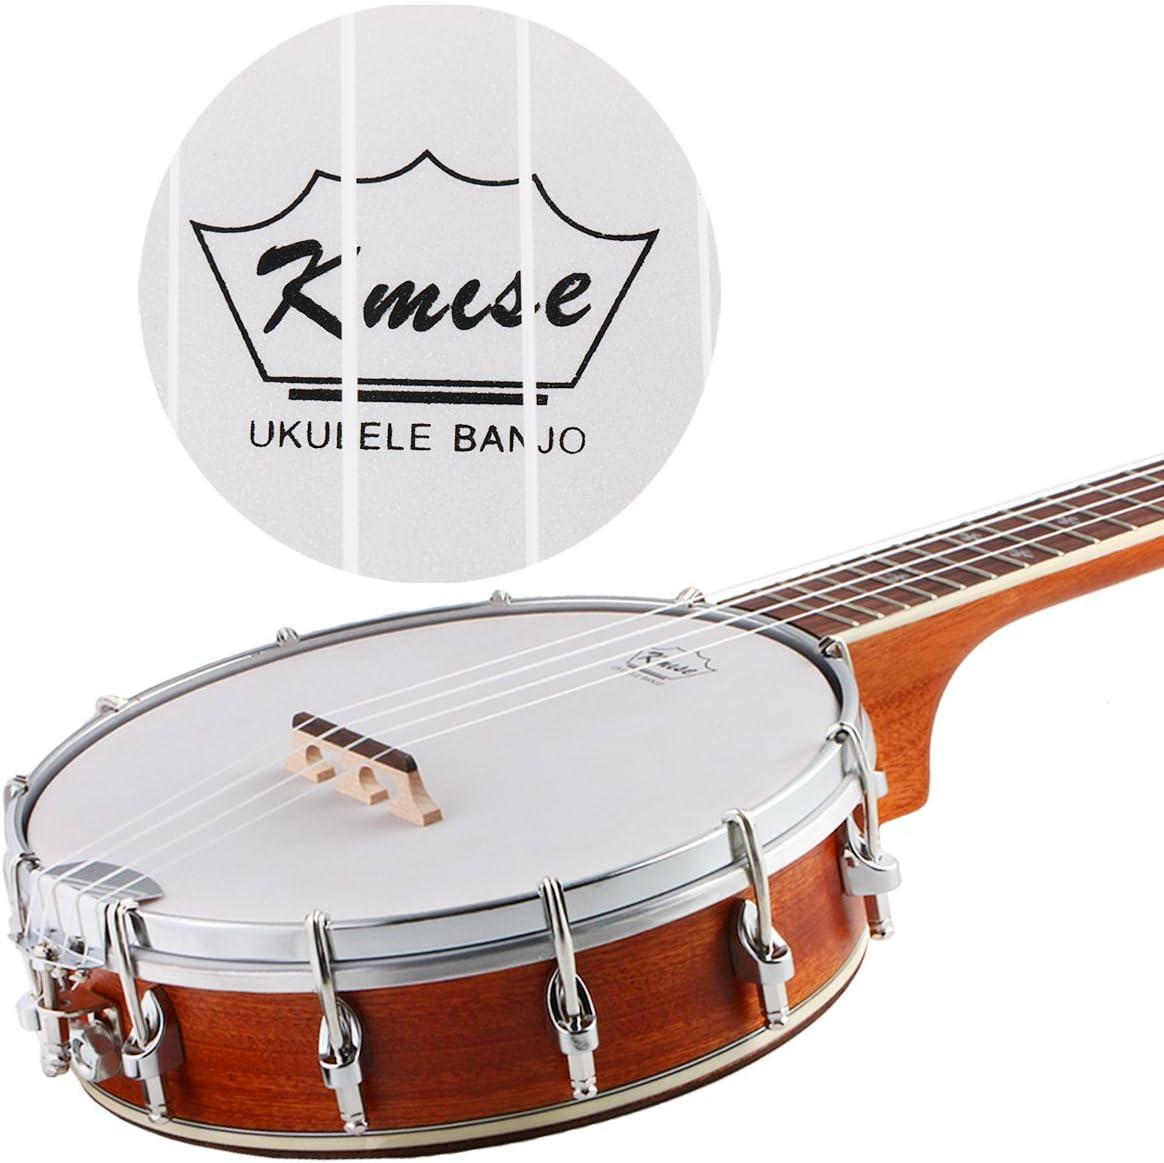 4 String Banjo Ukulele Banjos Ukelele Uke Concert Type 23 Inch with Closed Back Brackets Head /& Maple Neck